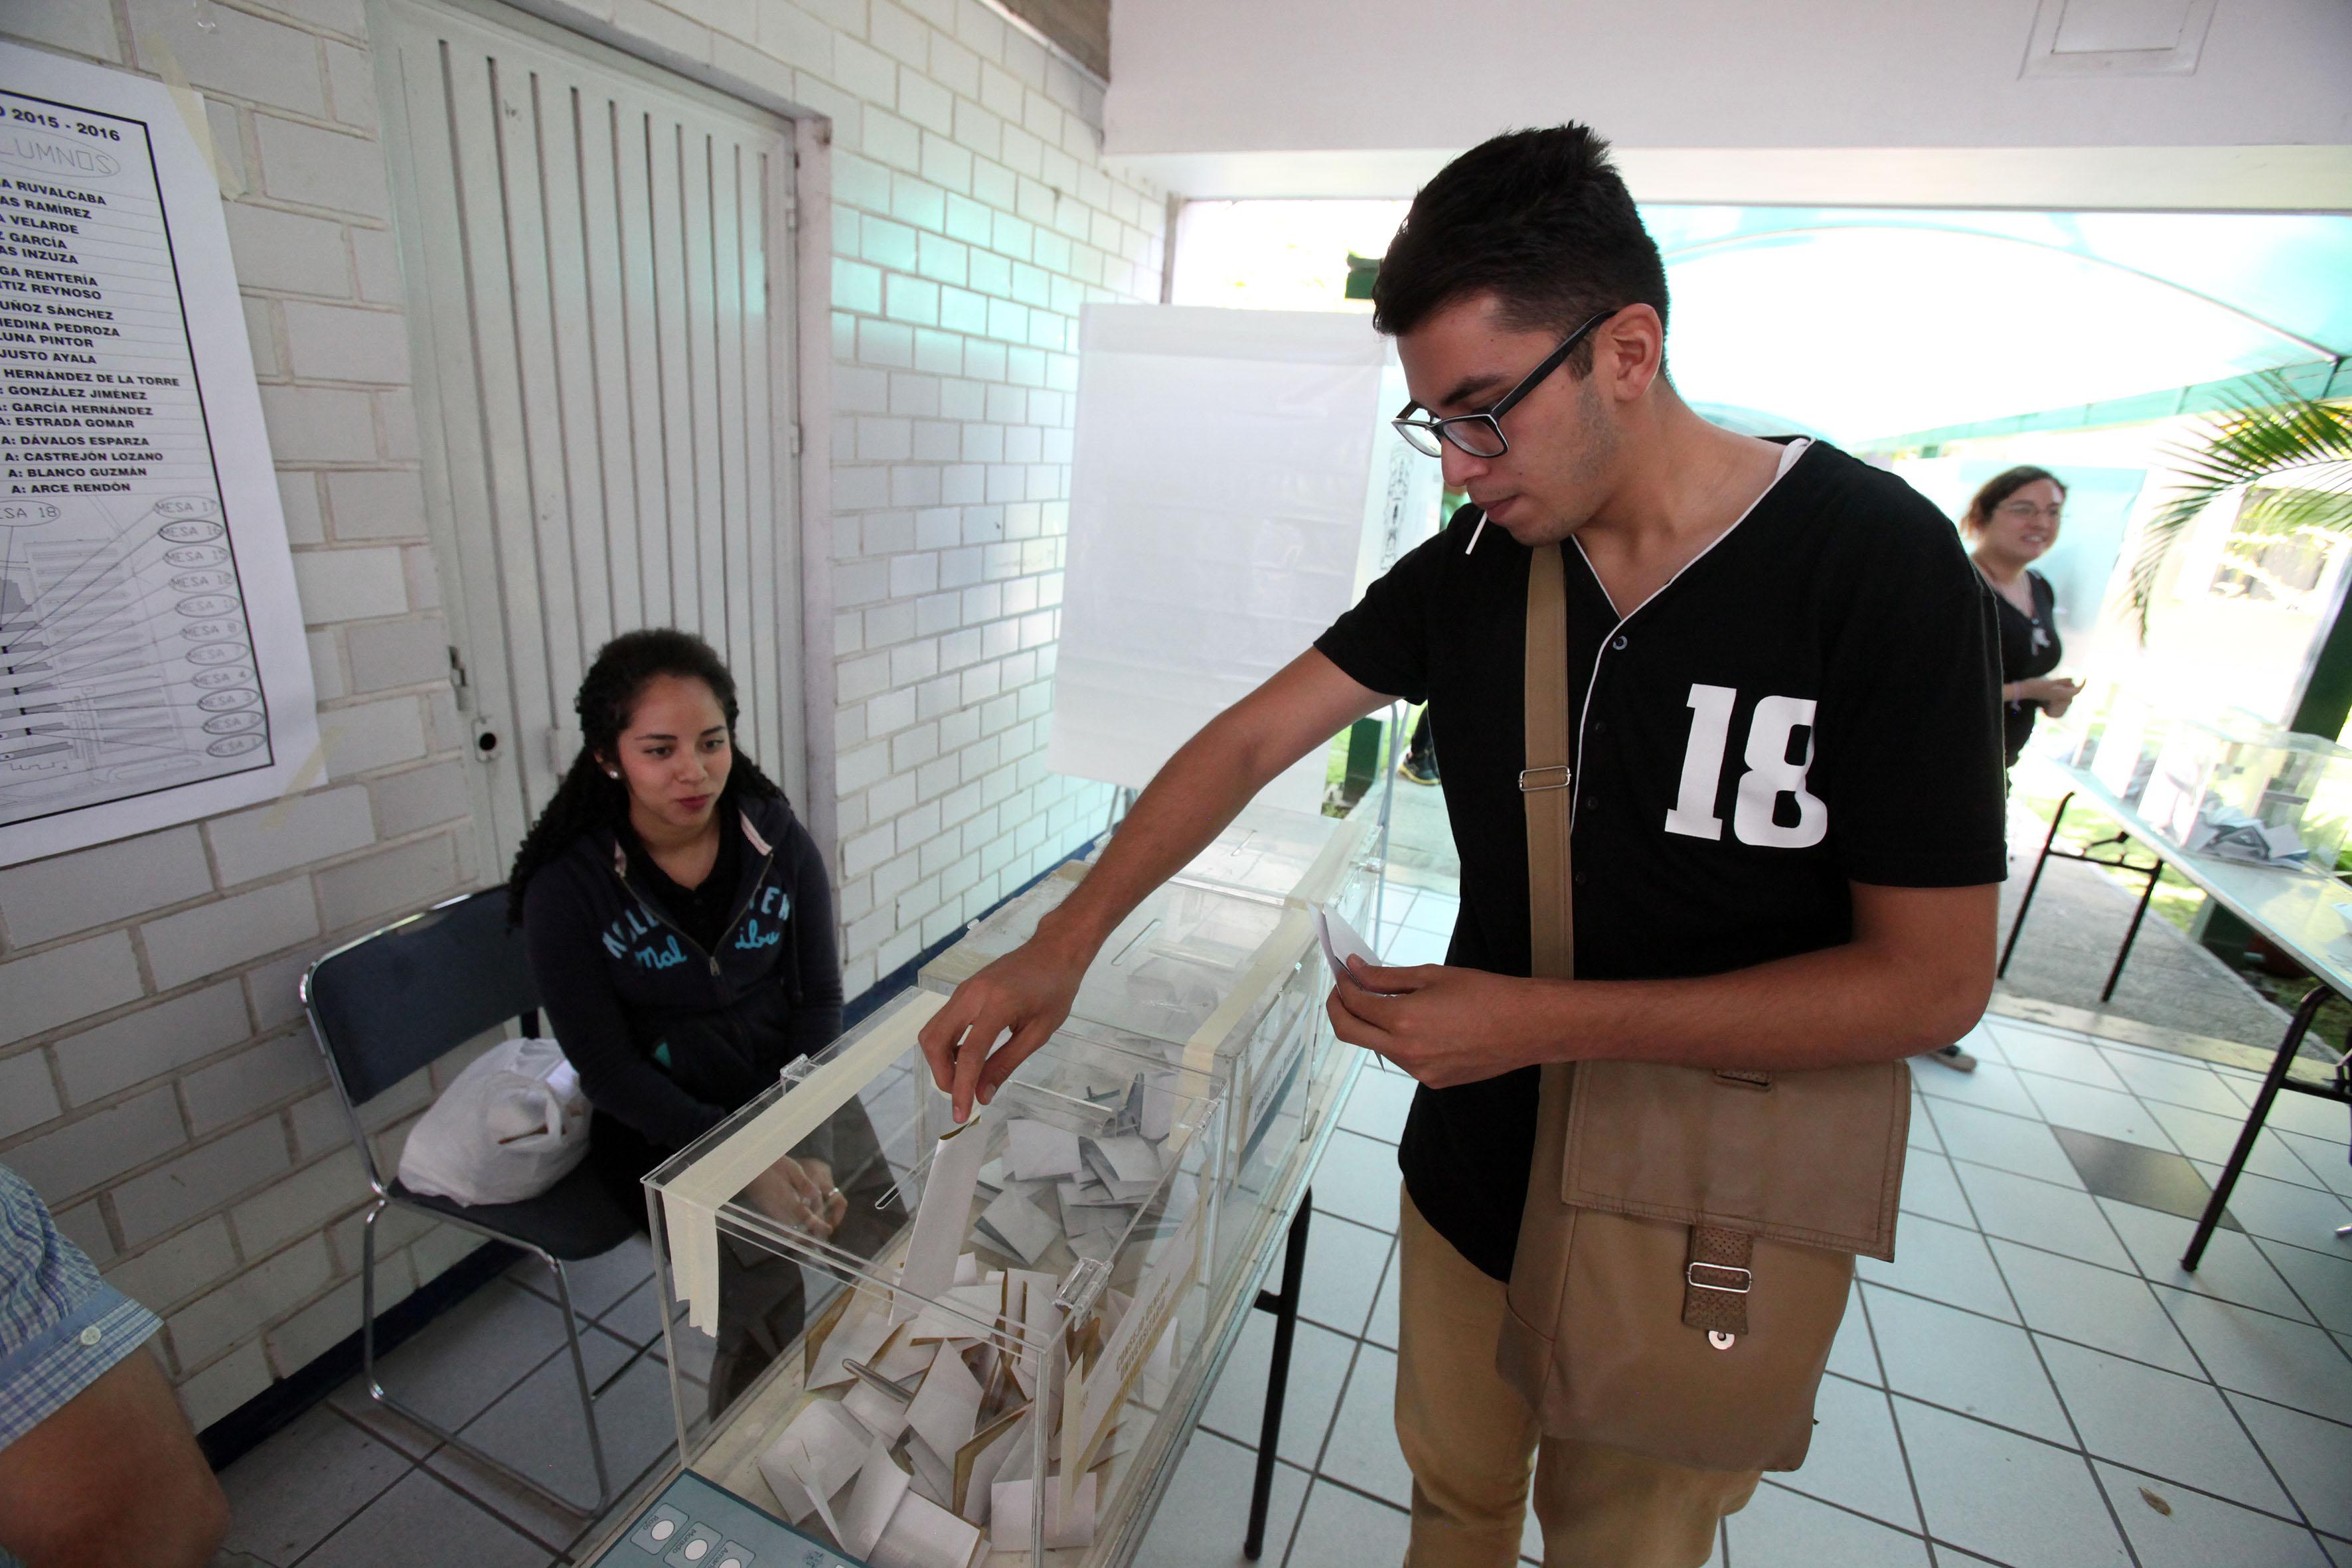 Ciudadano colocando sus votos en la urna, durante el proceso de votación.